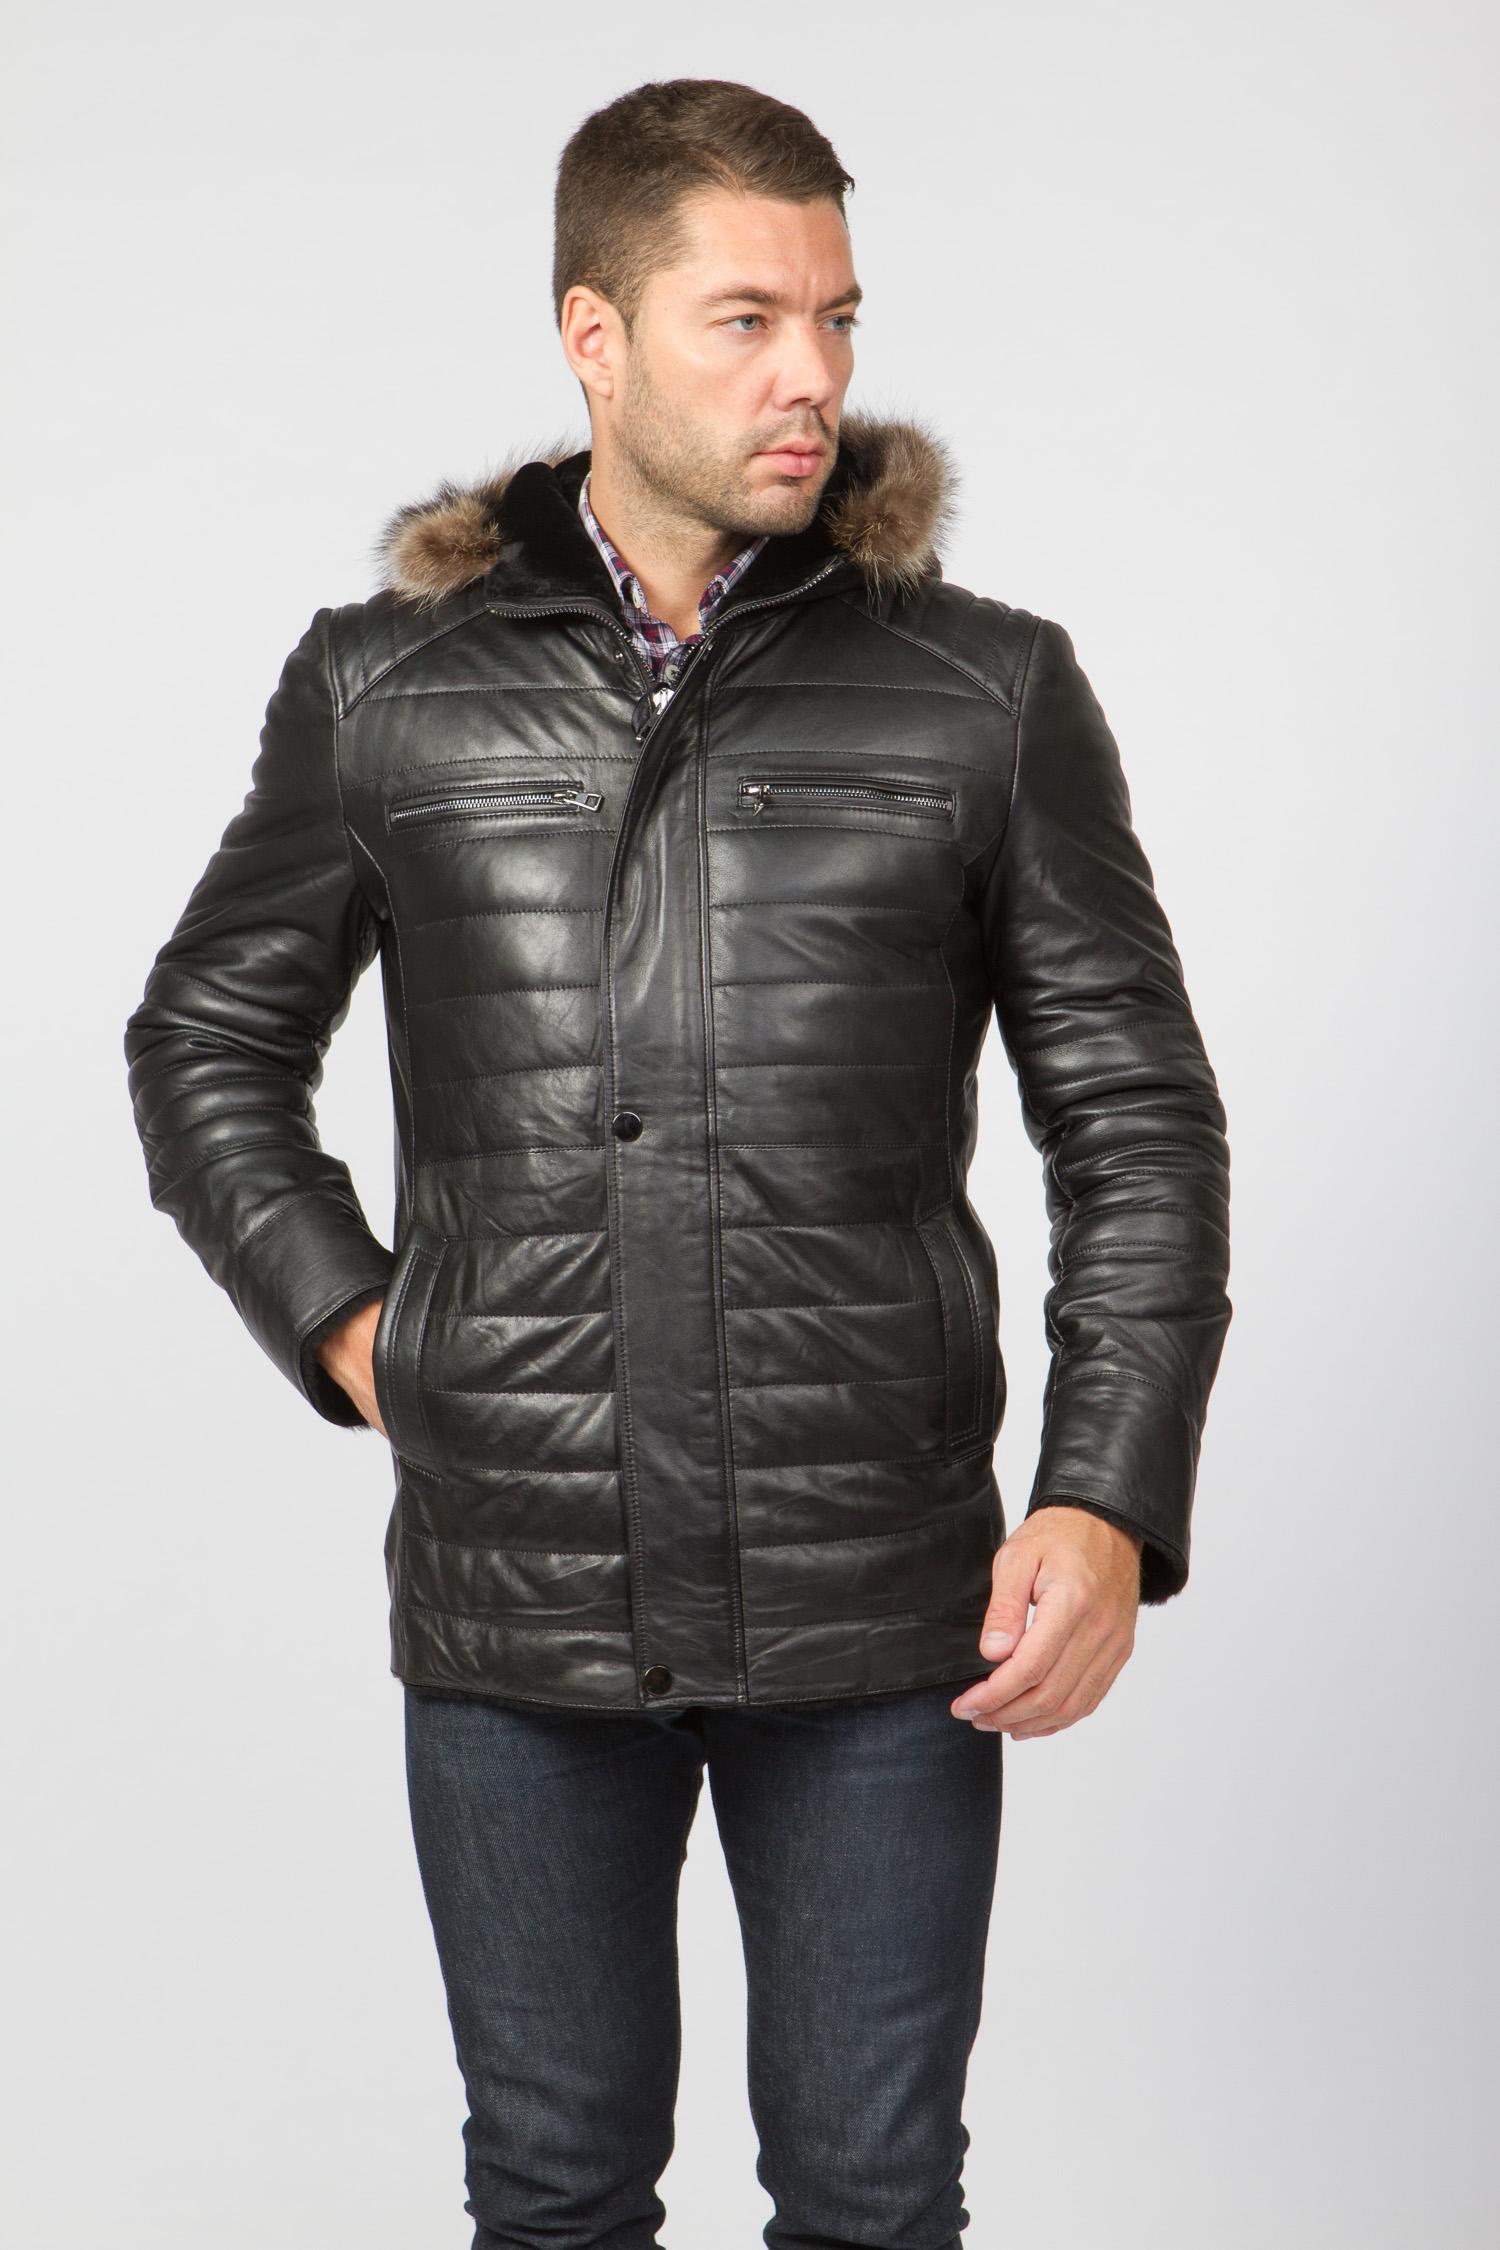 Мужская кожаная куртка из натуральной овчины на меху с капюшоном, отделка енот